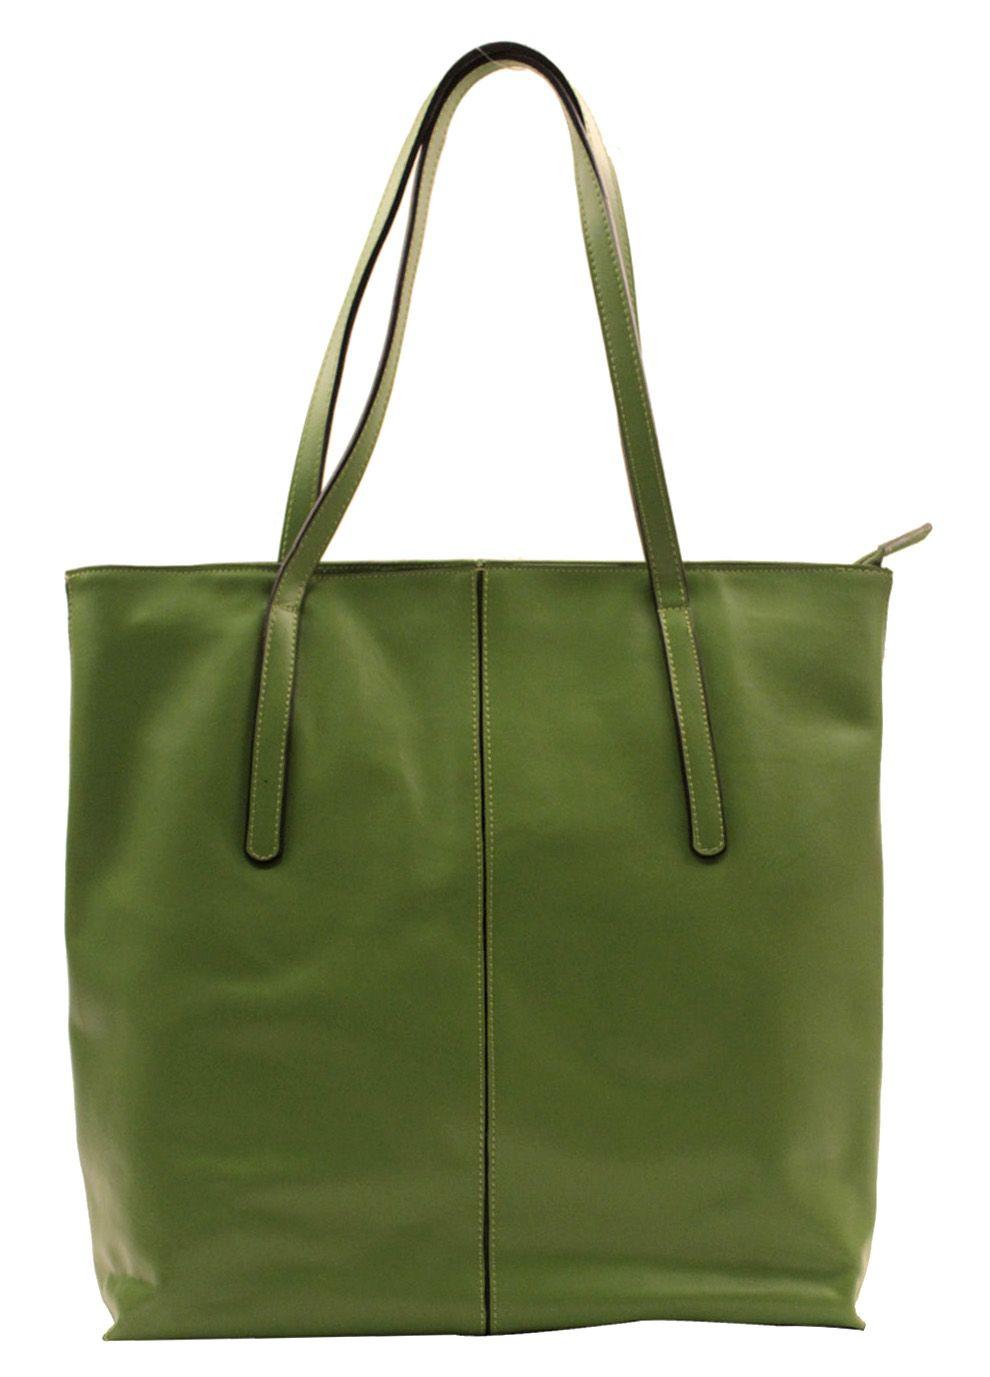 Simple Elegant Calfskin Tote - Green